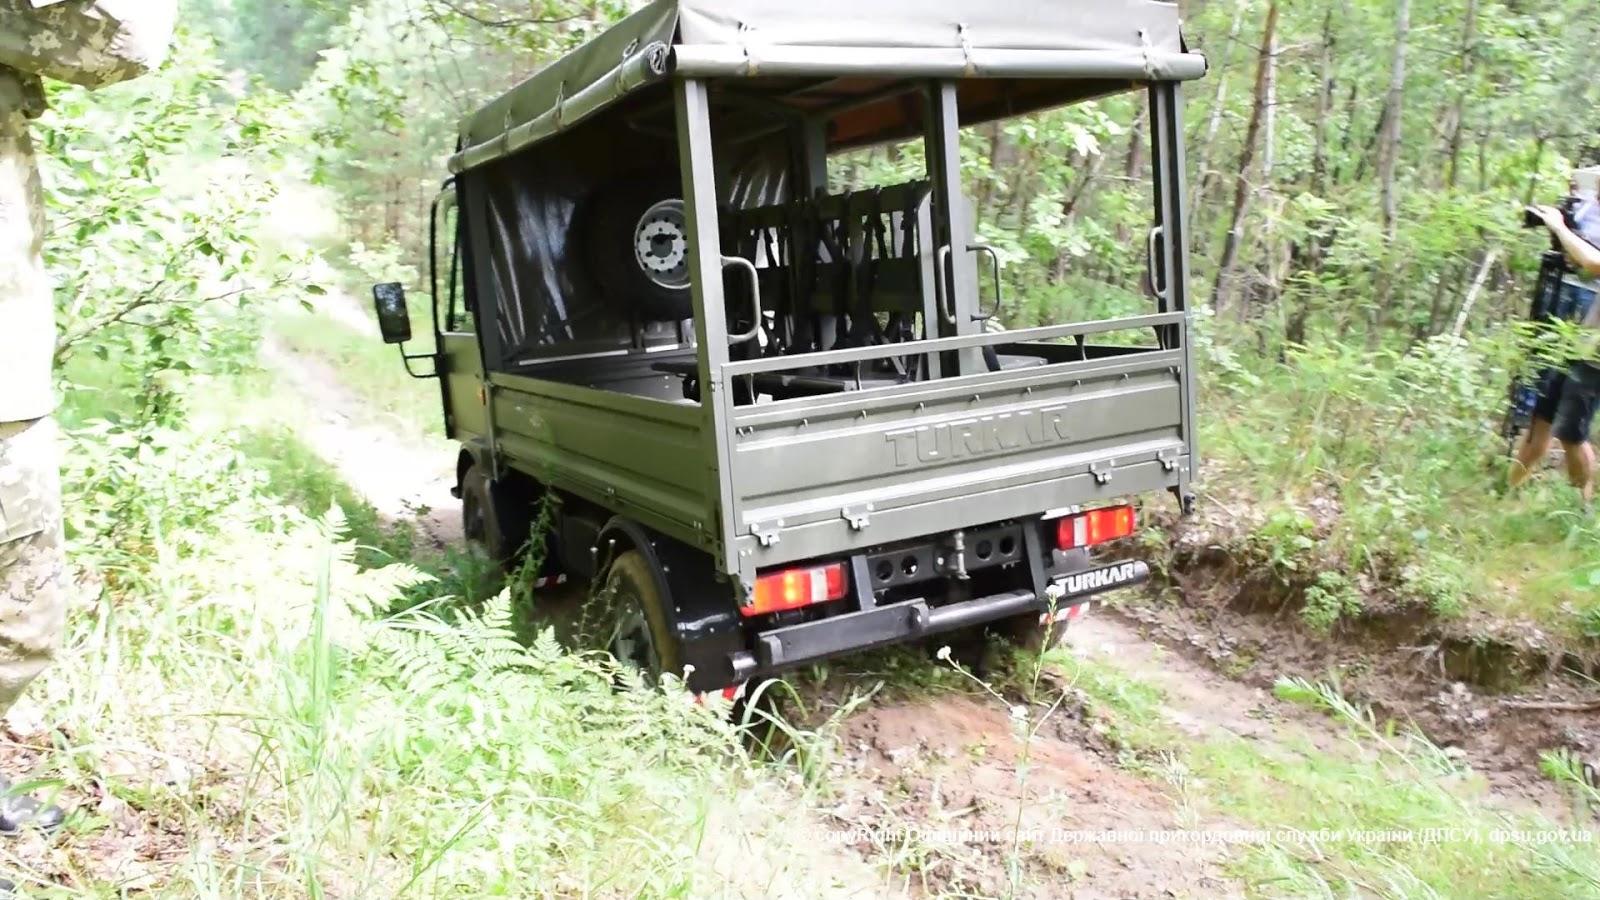 Прикордонники випробовують автомобілі TURKAR